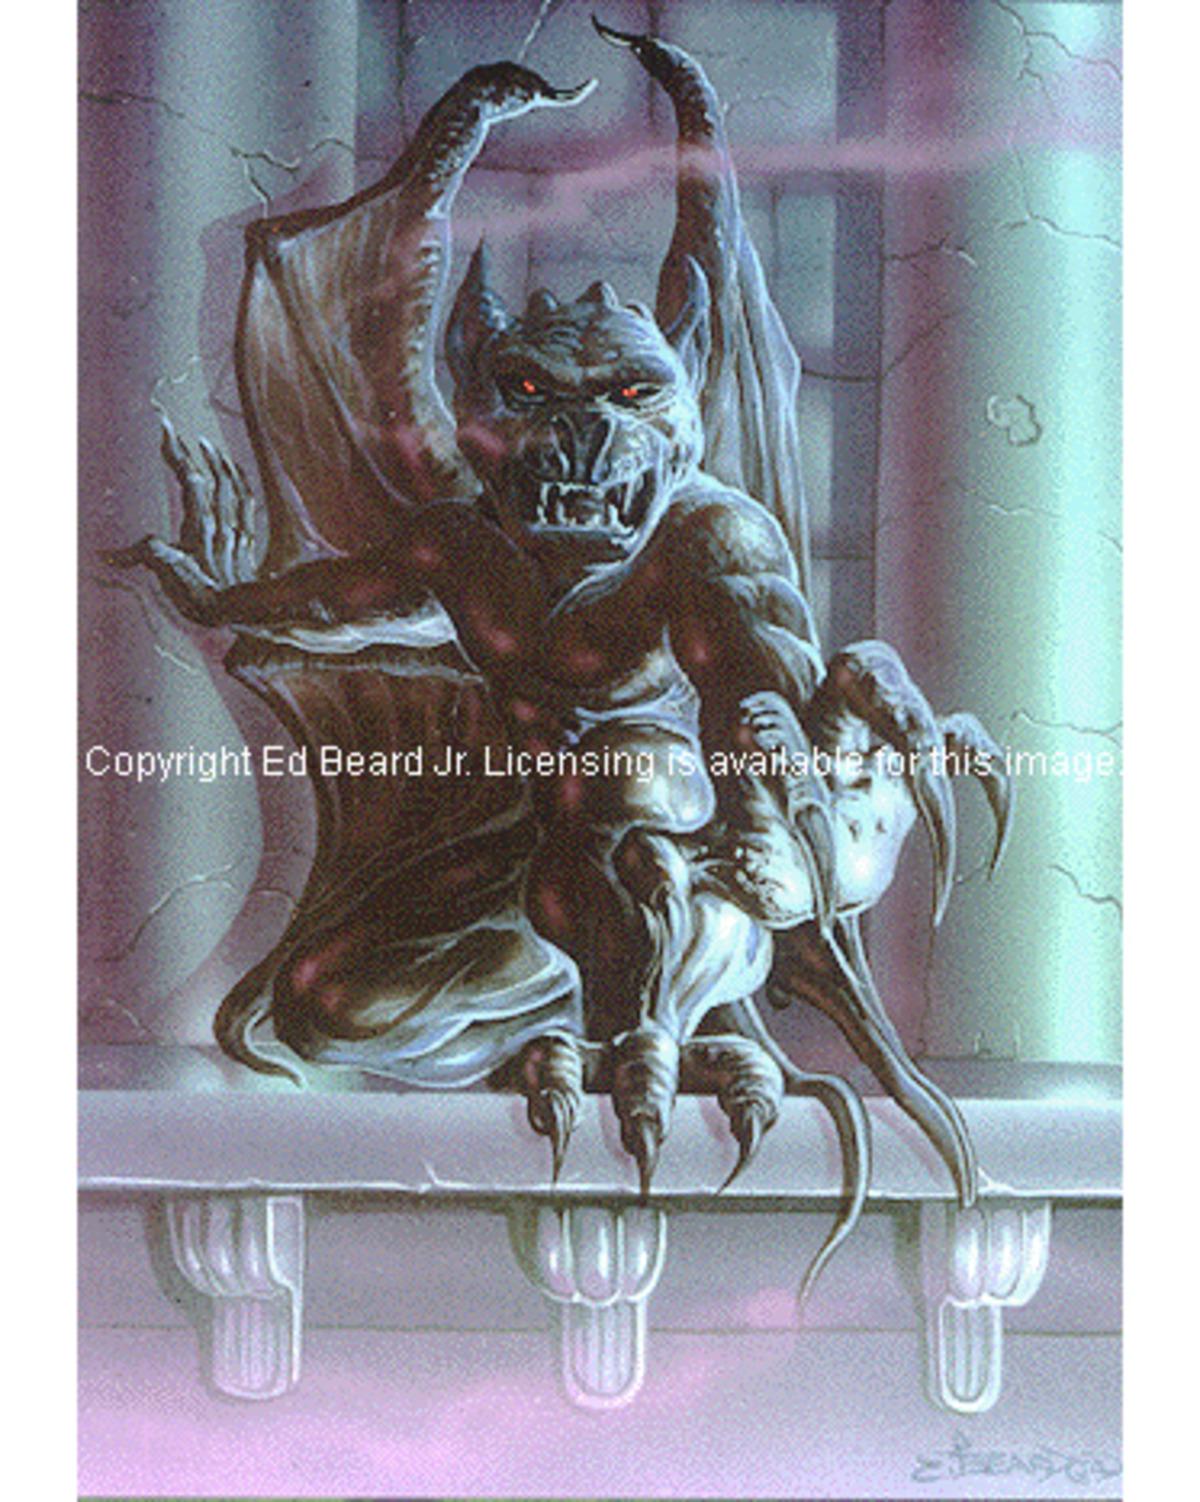 Resurrection of the Gargoyle